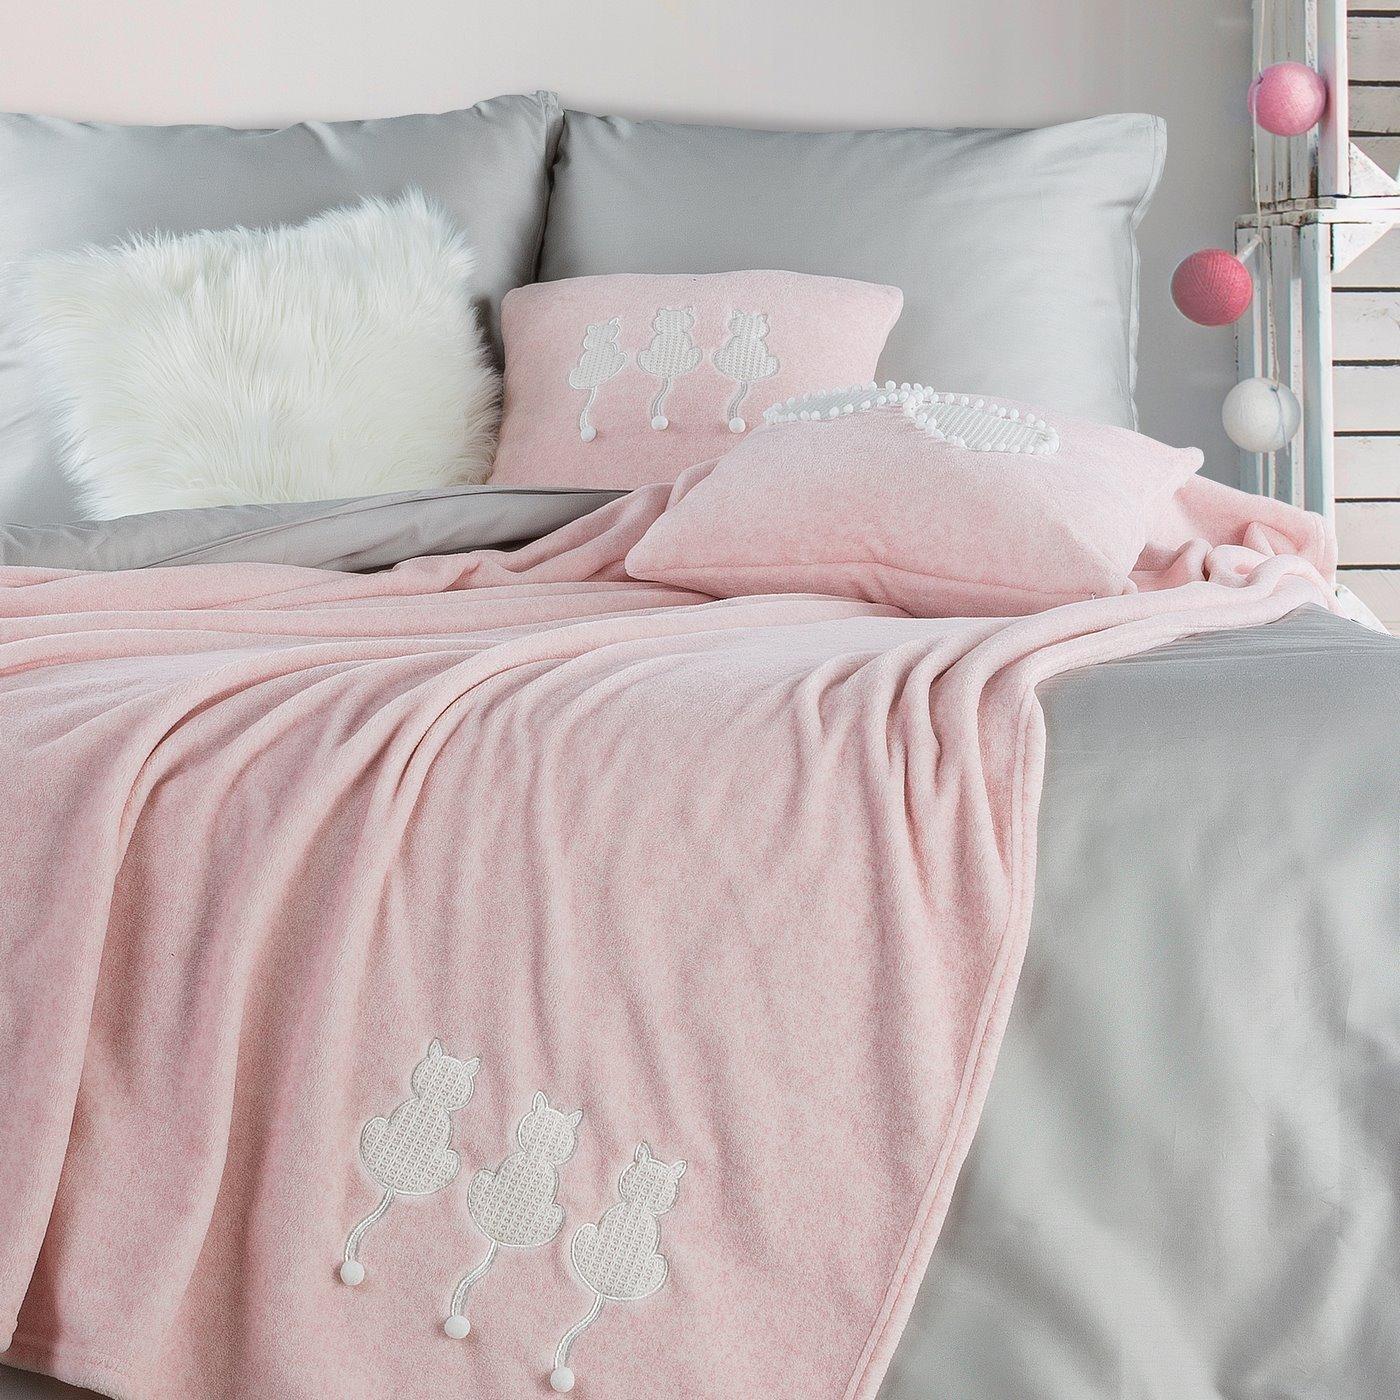 Różowy KOC DZIECIĘCY z aplikacją kotków 150x200 cm